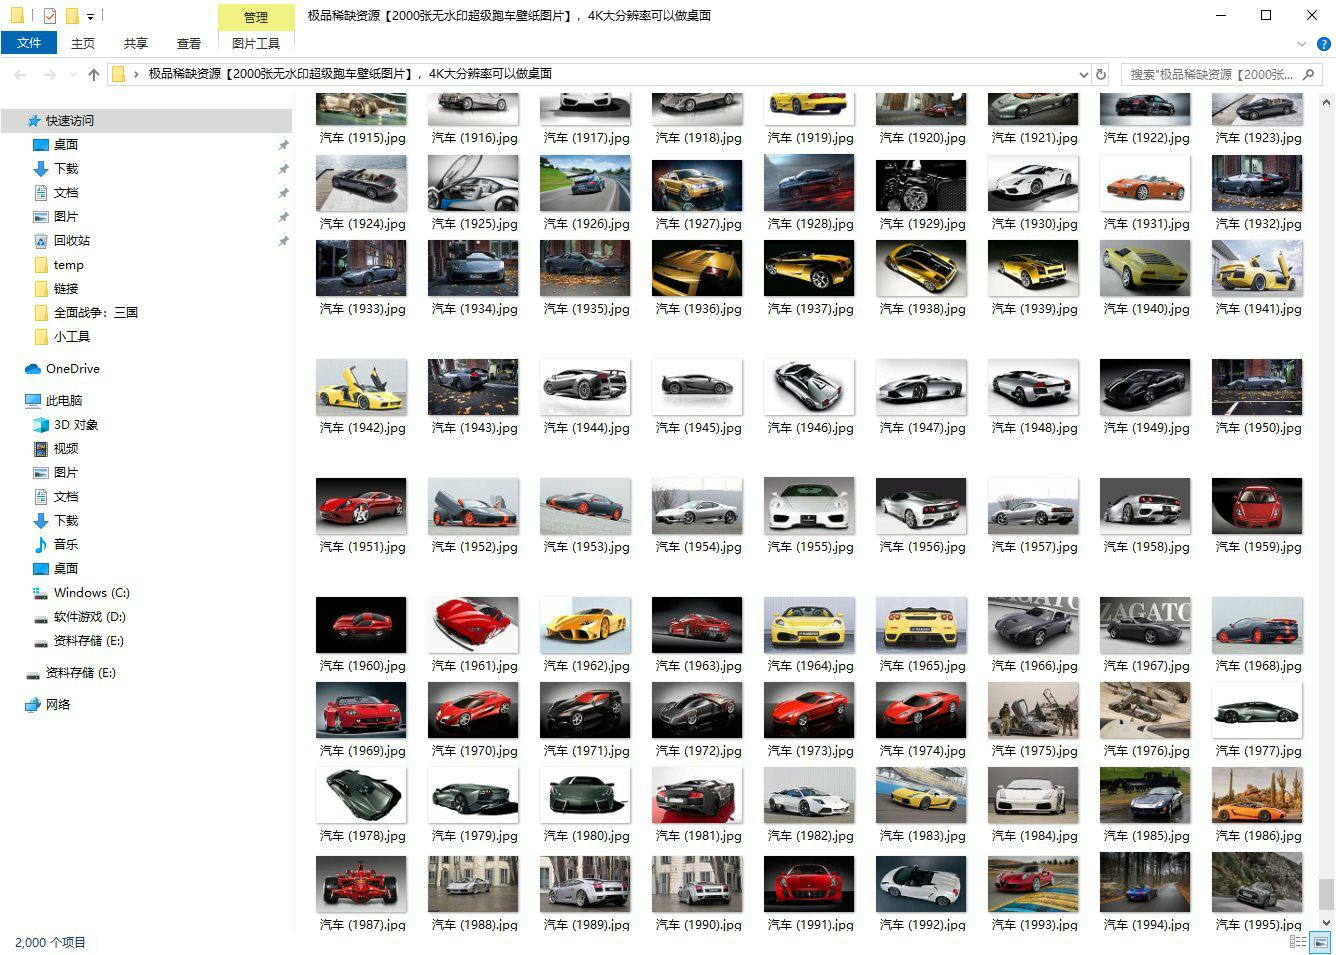 2000张无水印4K超级跑车壁纸